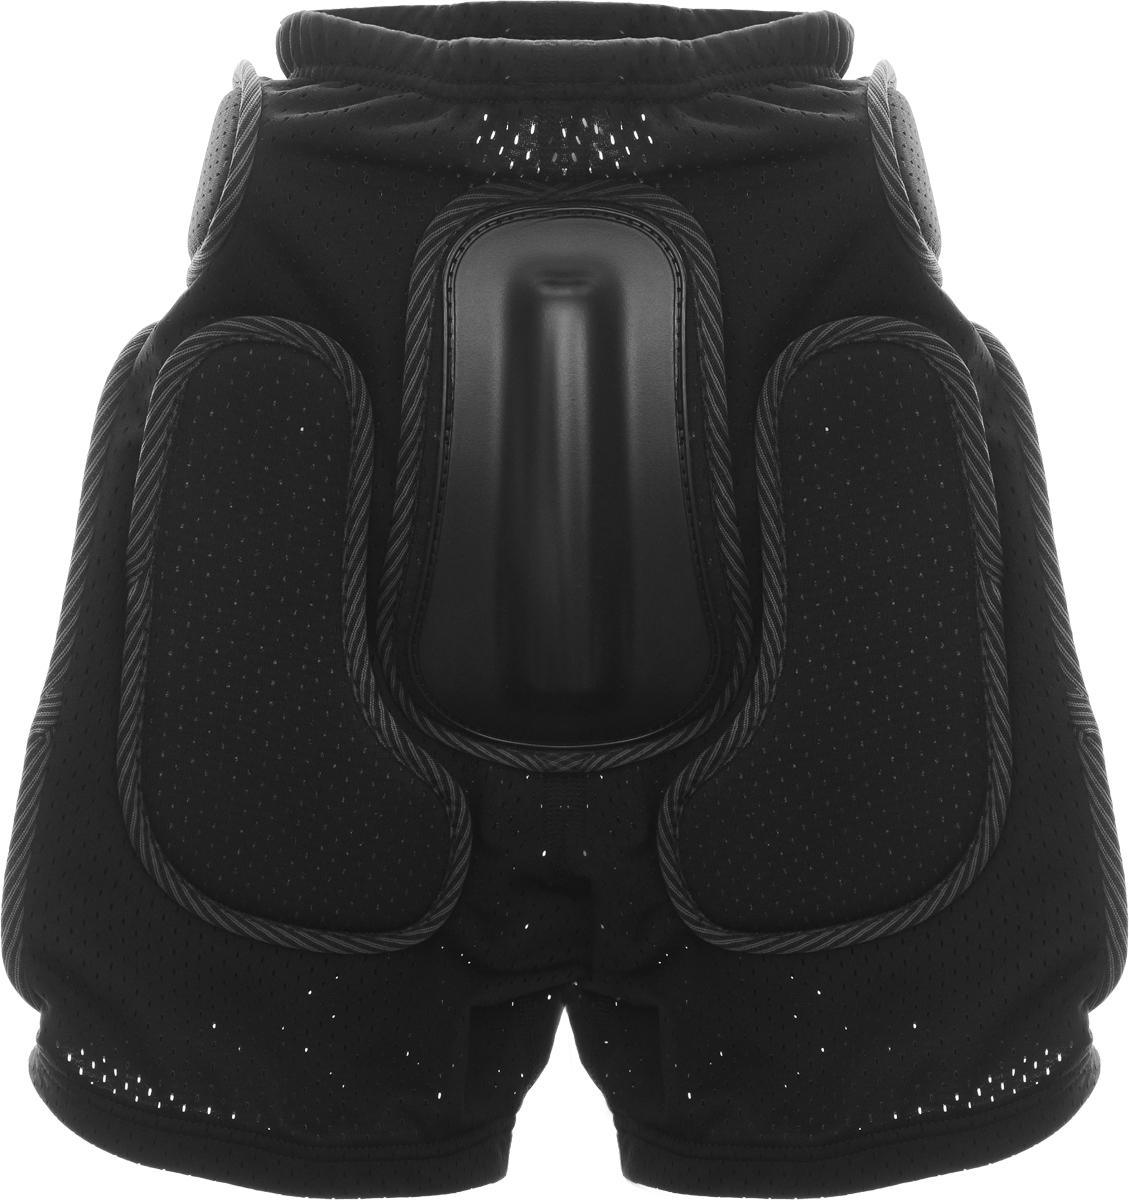 Фото - Шорты защитные Biont Комфорт, цвет: черный, размер S самосбросы горнолыжные biont цвет черный размер l 48 50